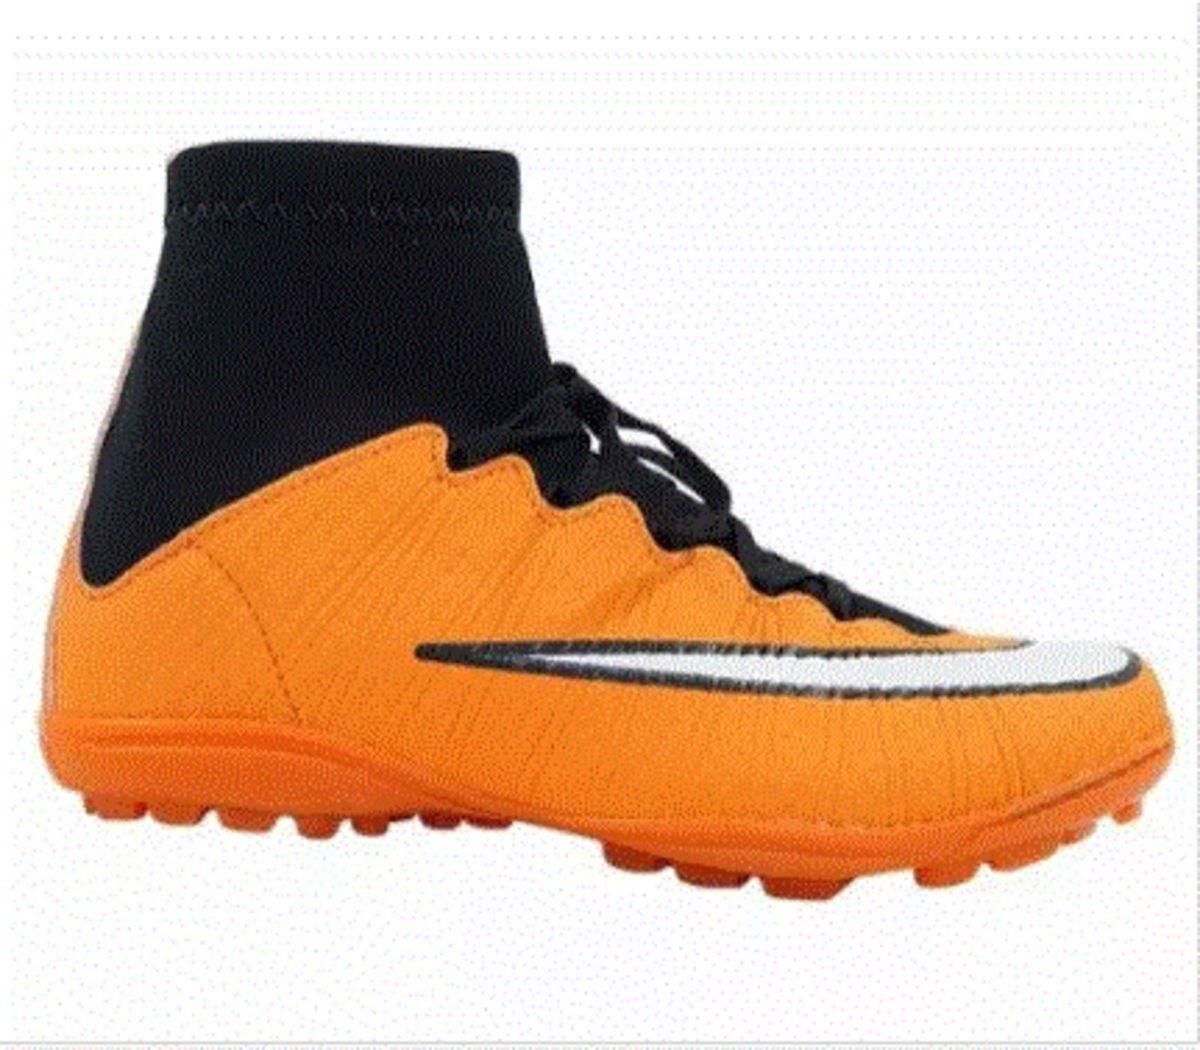 e25baaf33d1fb chuteira society nike mercurial syperfly cn cano alto laranja - esportes  nike